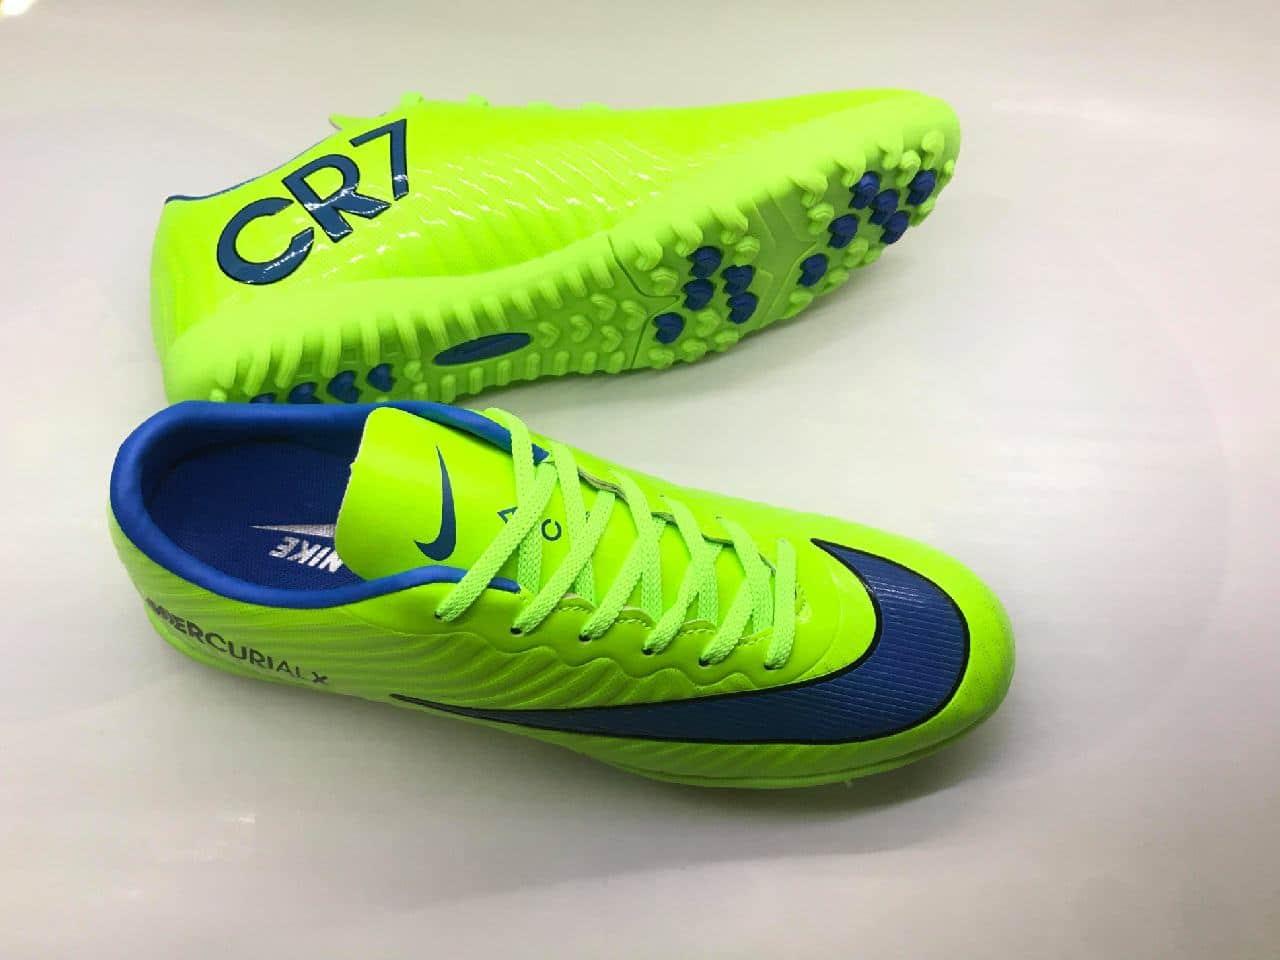 Giày bóng đá Nike MercurialX xanh lá - Giày bóng đá Futsal - OU SPORT